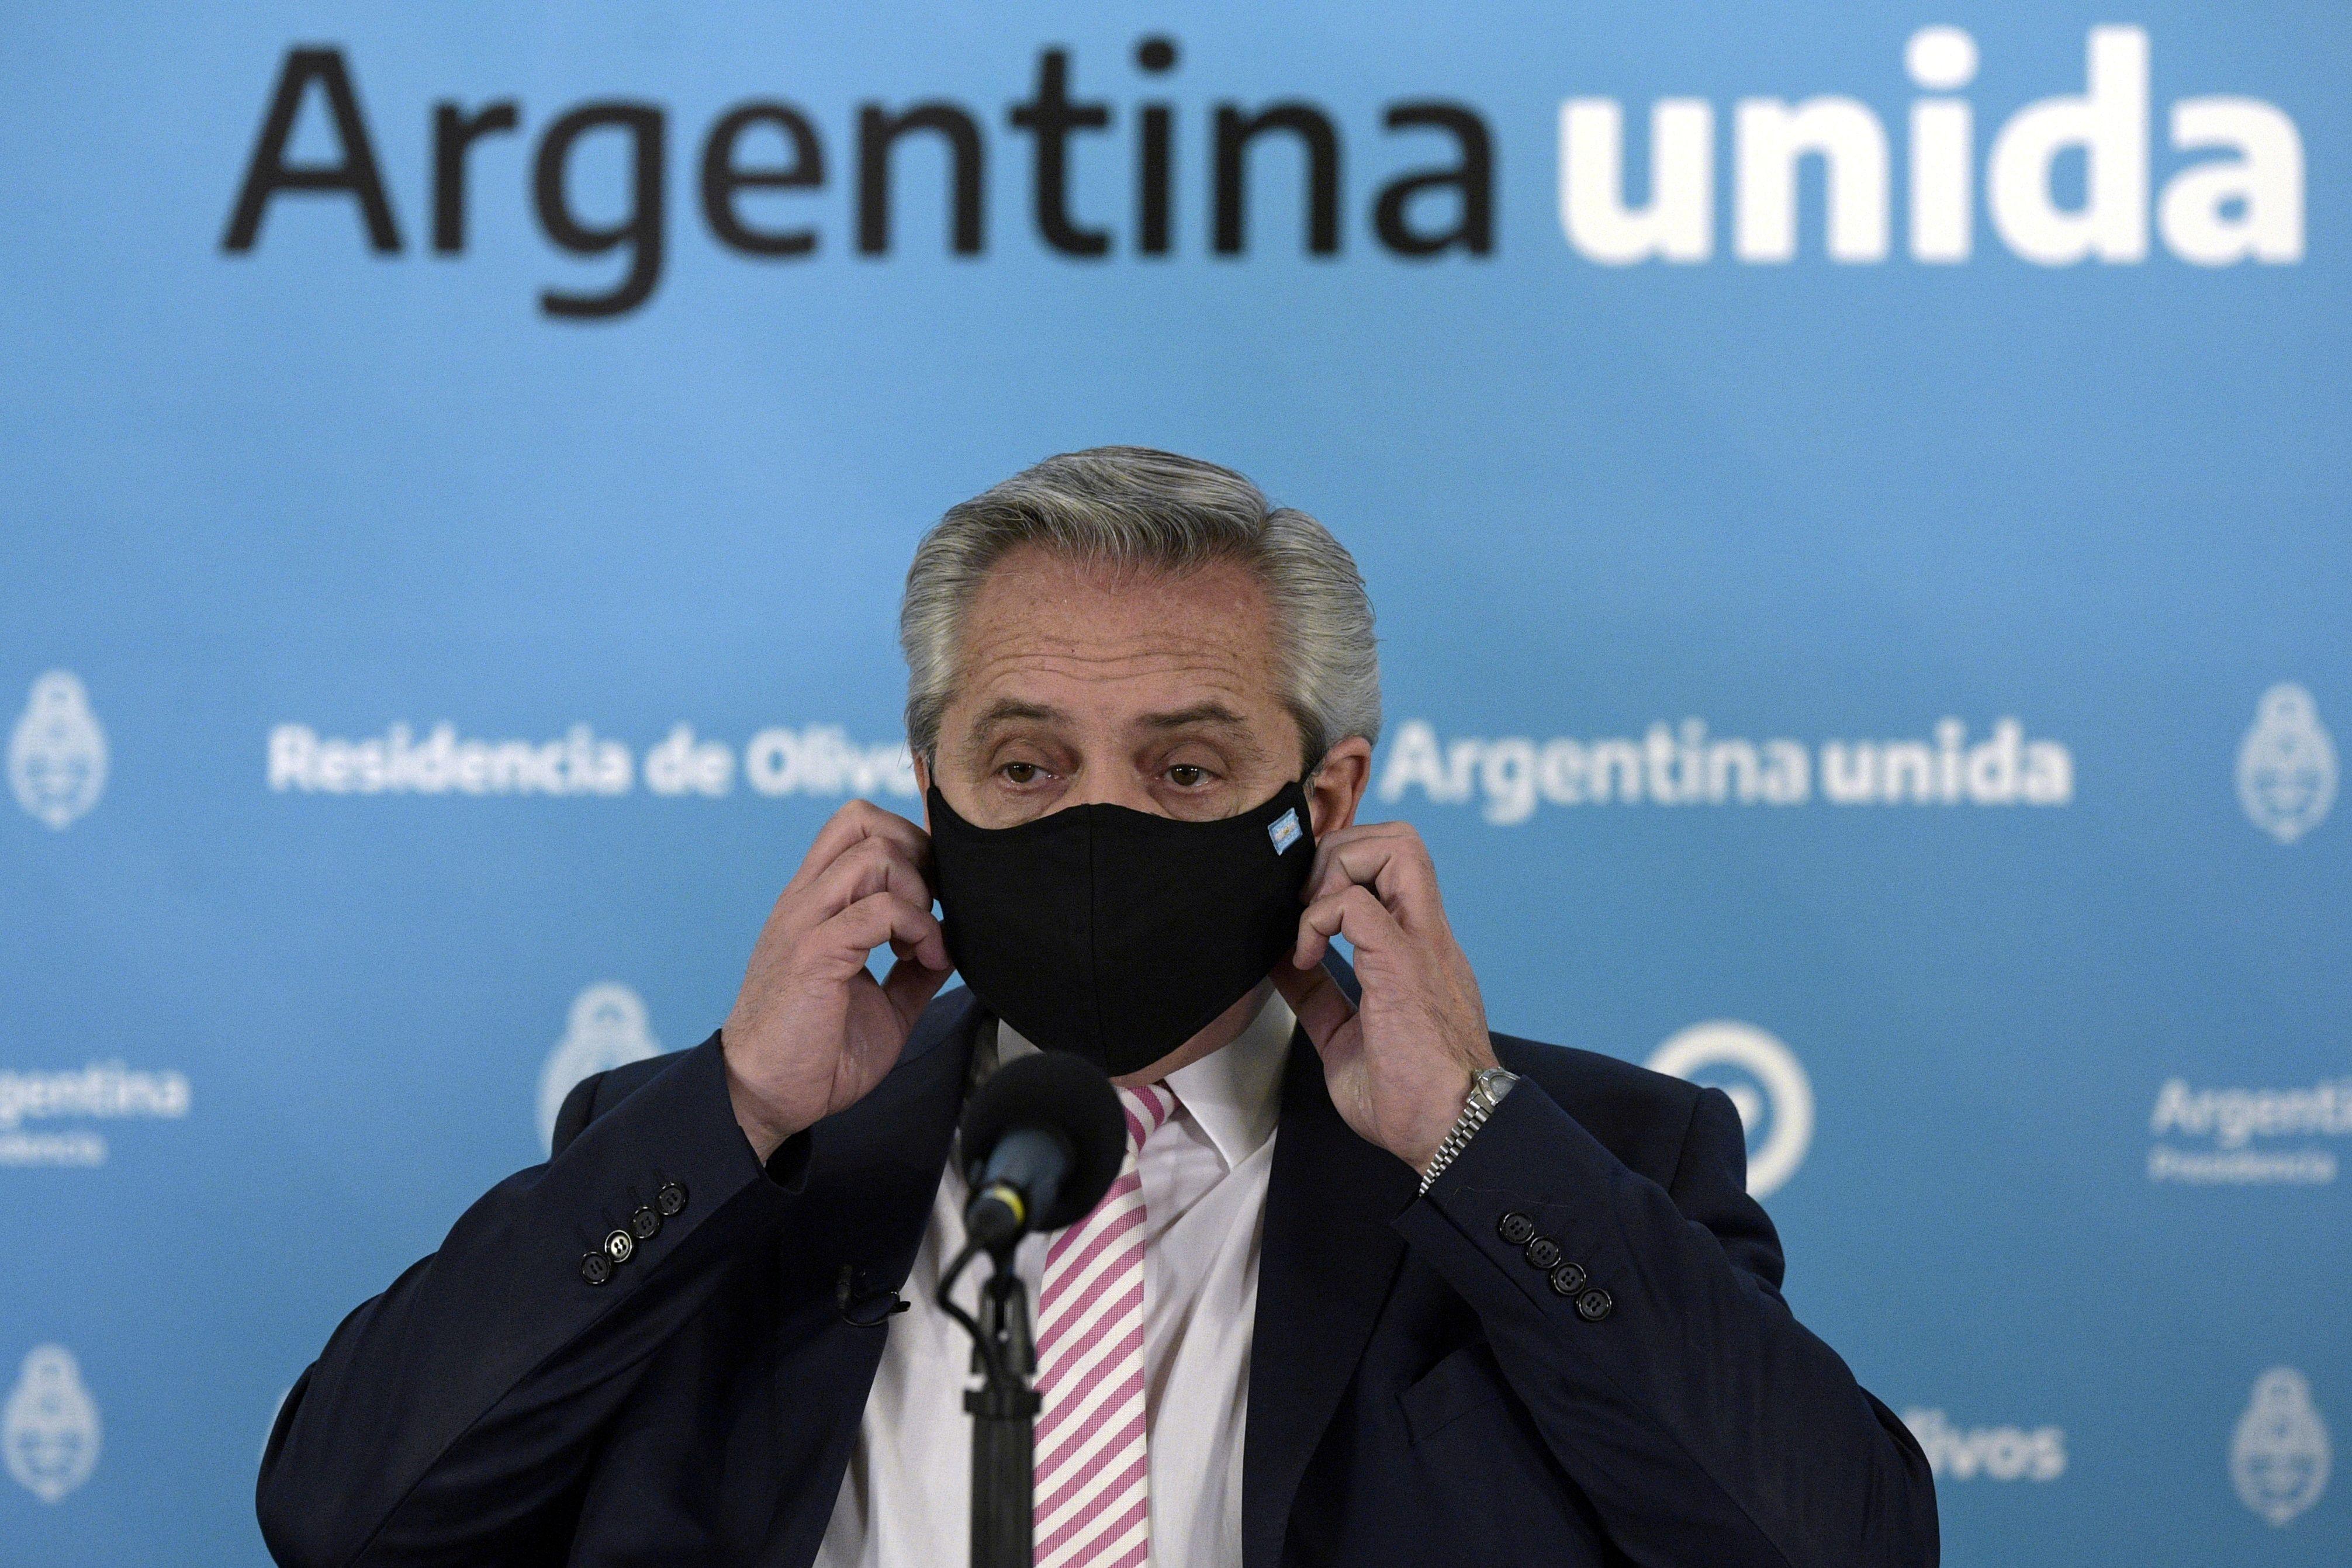 El presidente Alberto Fernandez se manifestó esperanzado en la pronta llegada de las vacunas al país - Juan Mabromata/Pool via REUTERS/File Photo